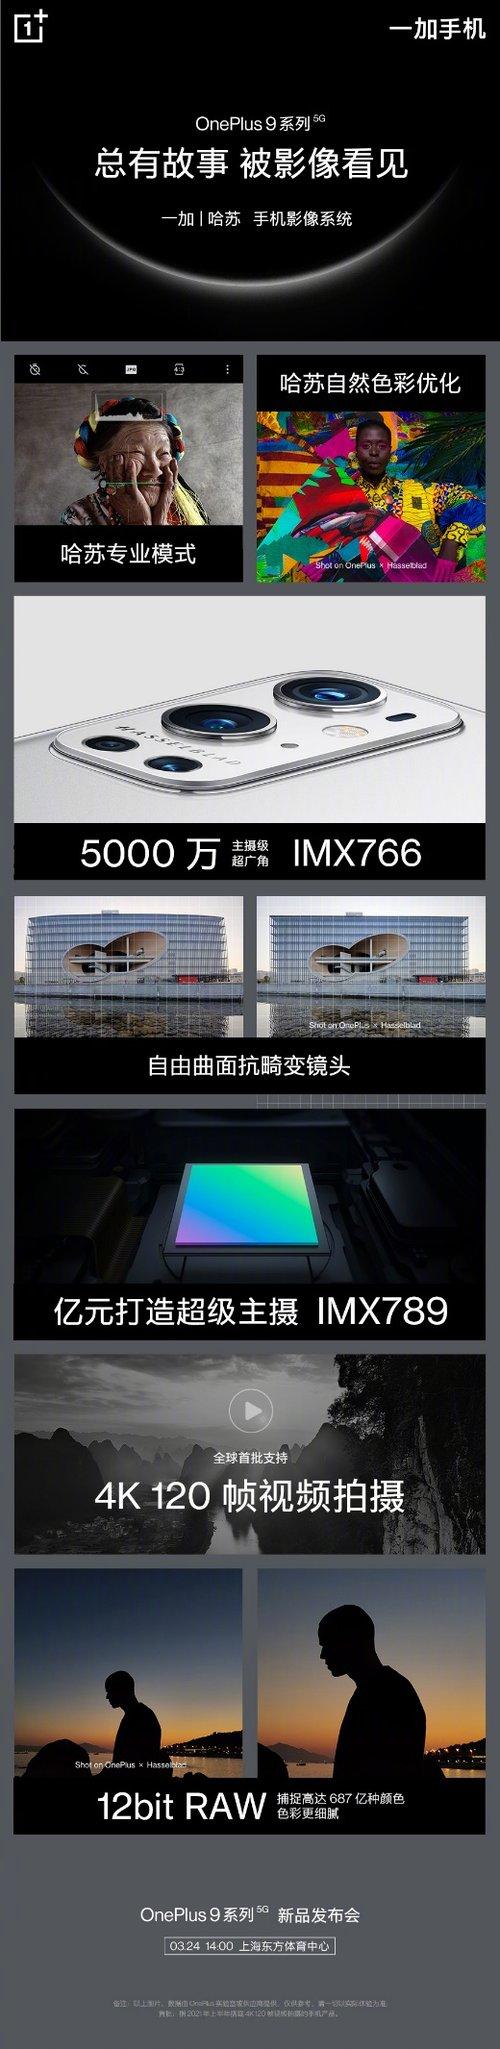 一加9系列更多配置公布,全系标配骁龙888